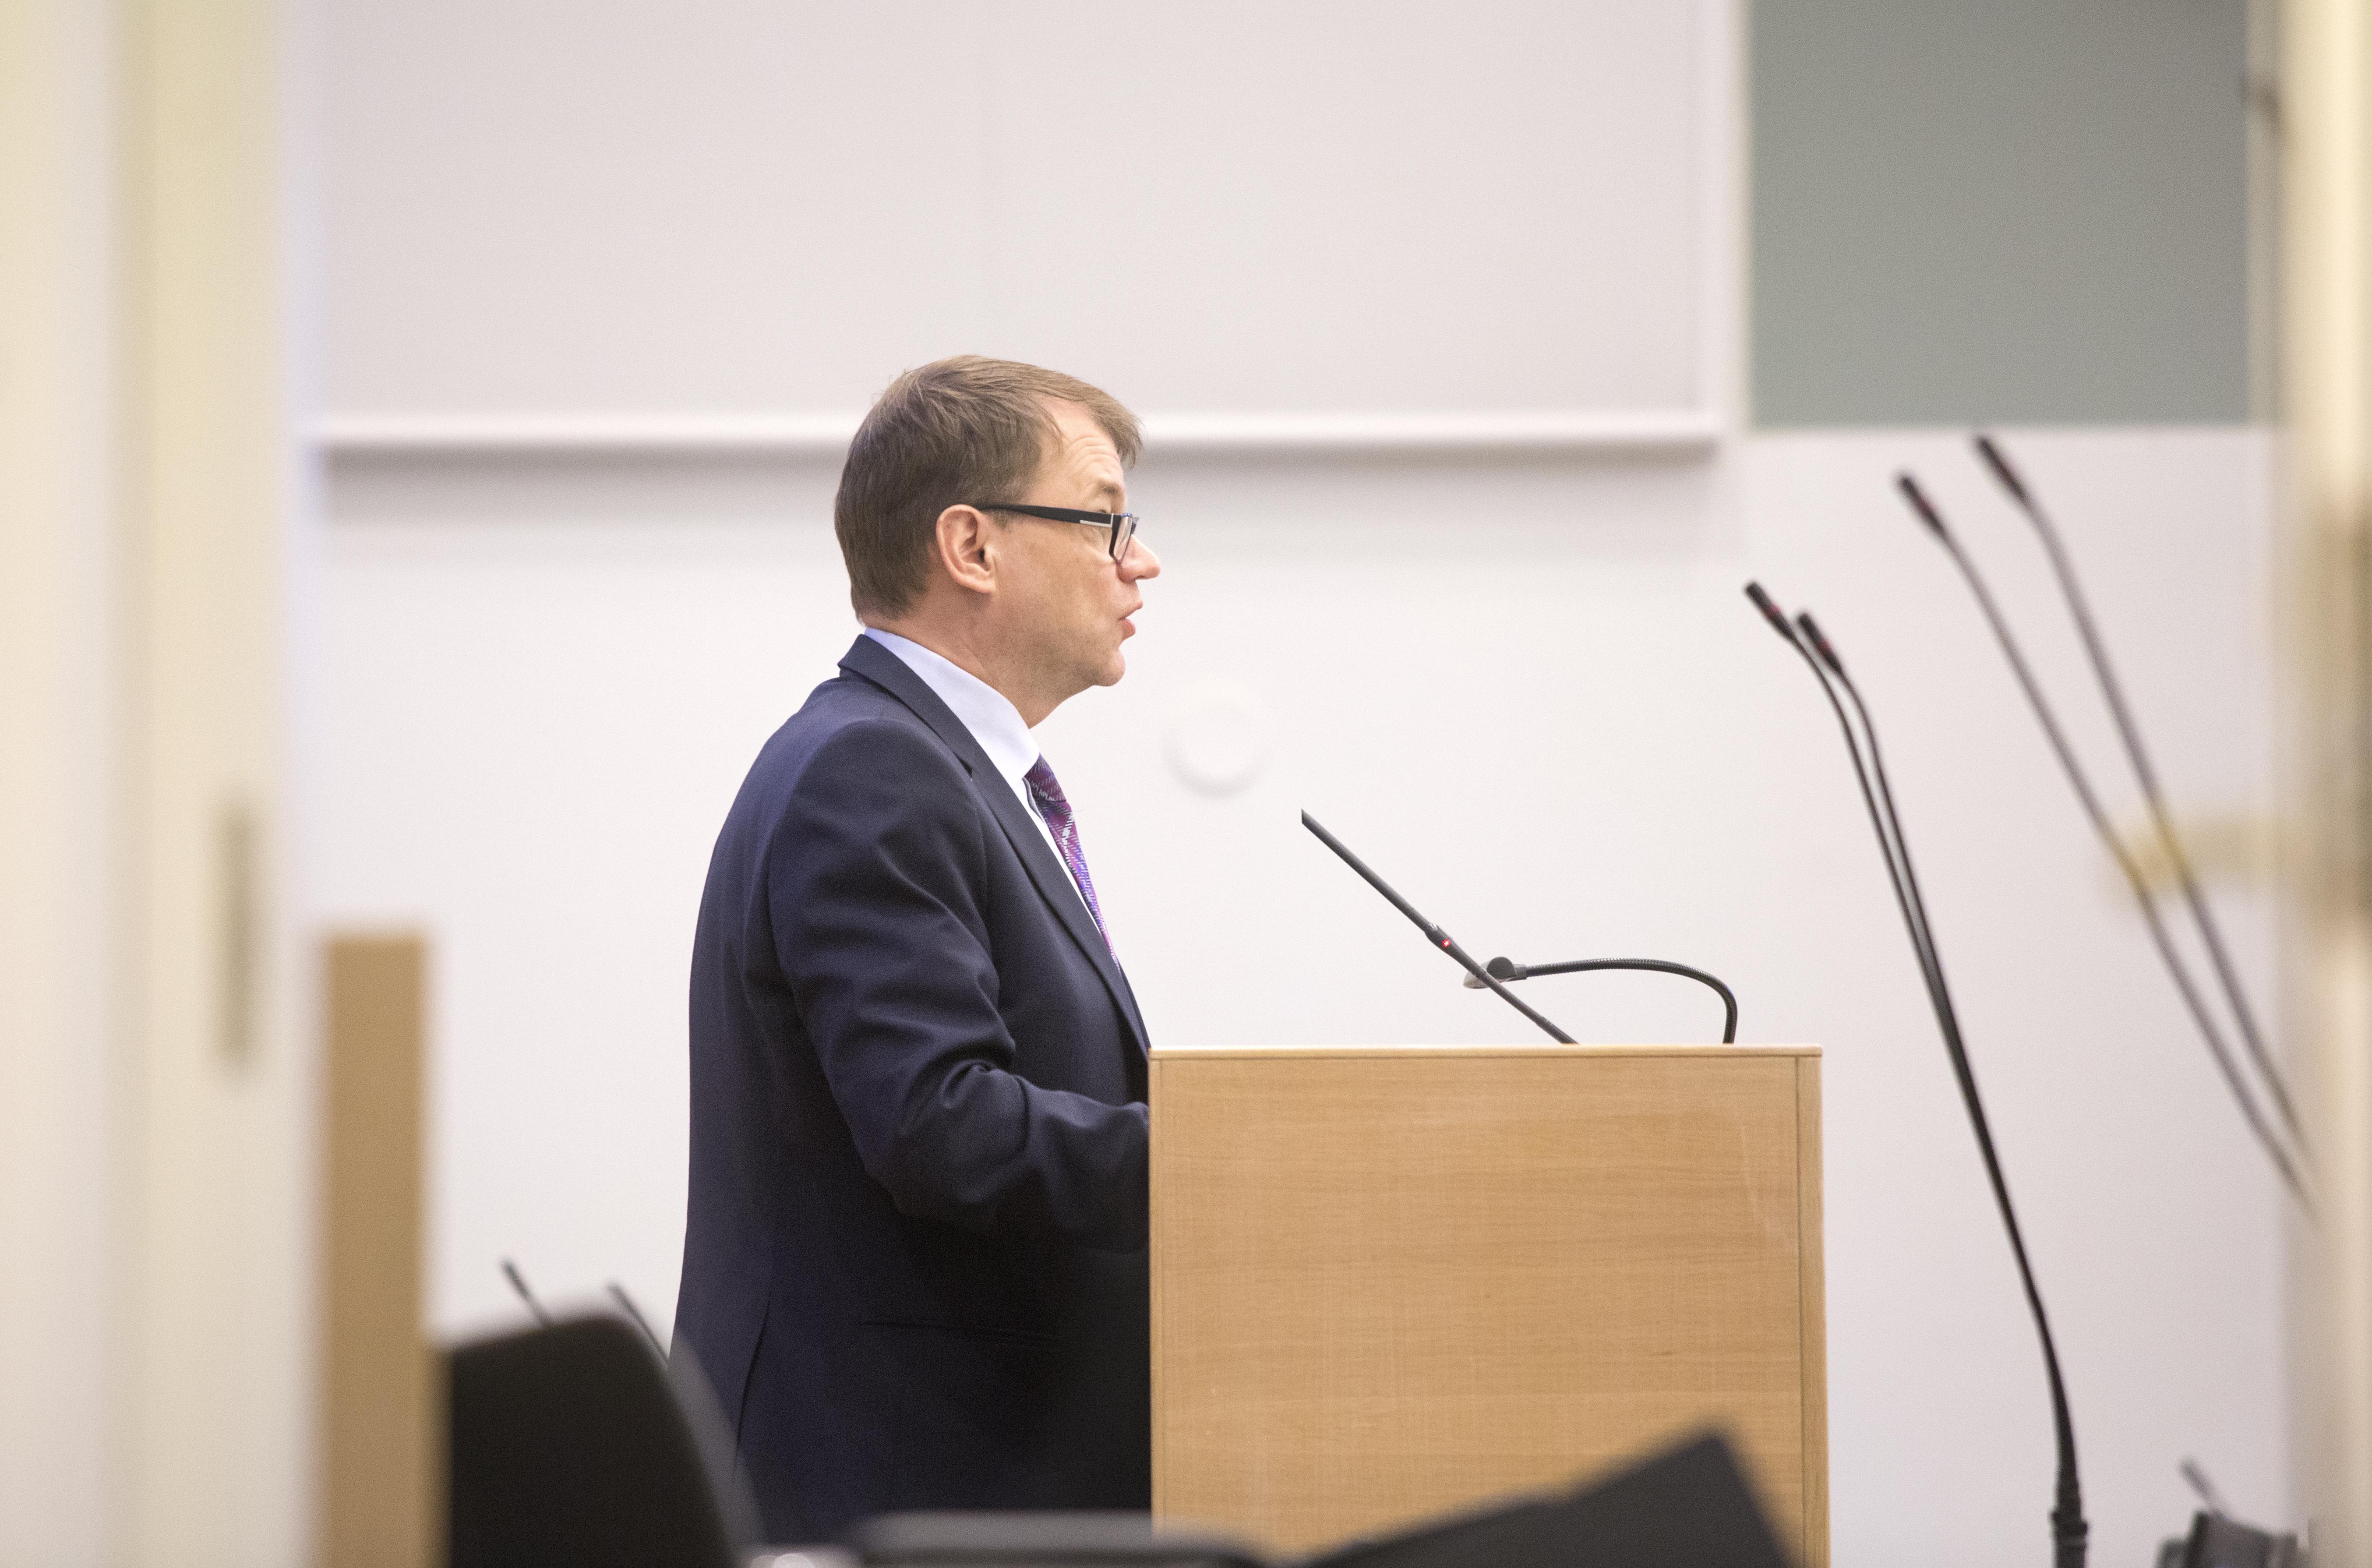 Juha Sipilä seisoo ja puhuu puheenjohtajan pöntössä.